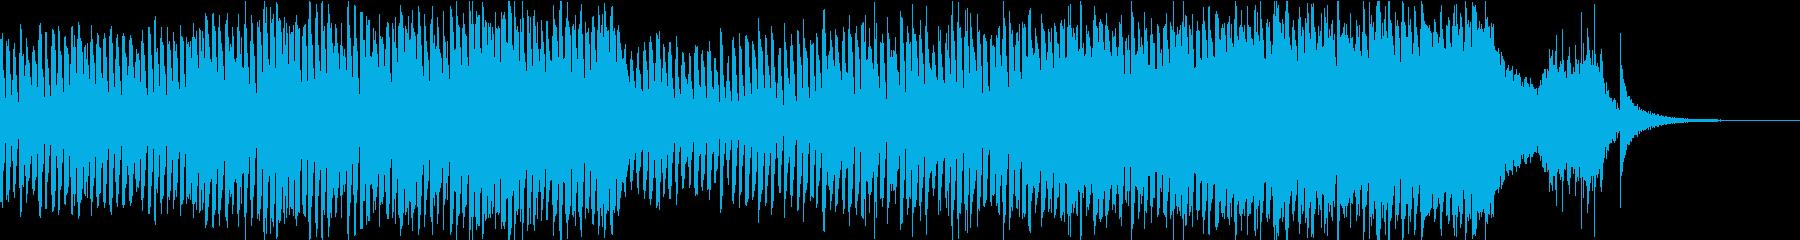 明るいCM風 口笛 ウクレレ 子供 料理の再生済みの波形